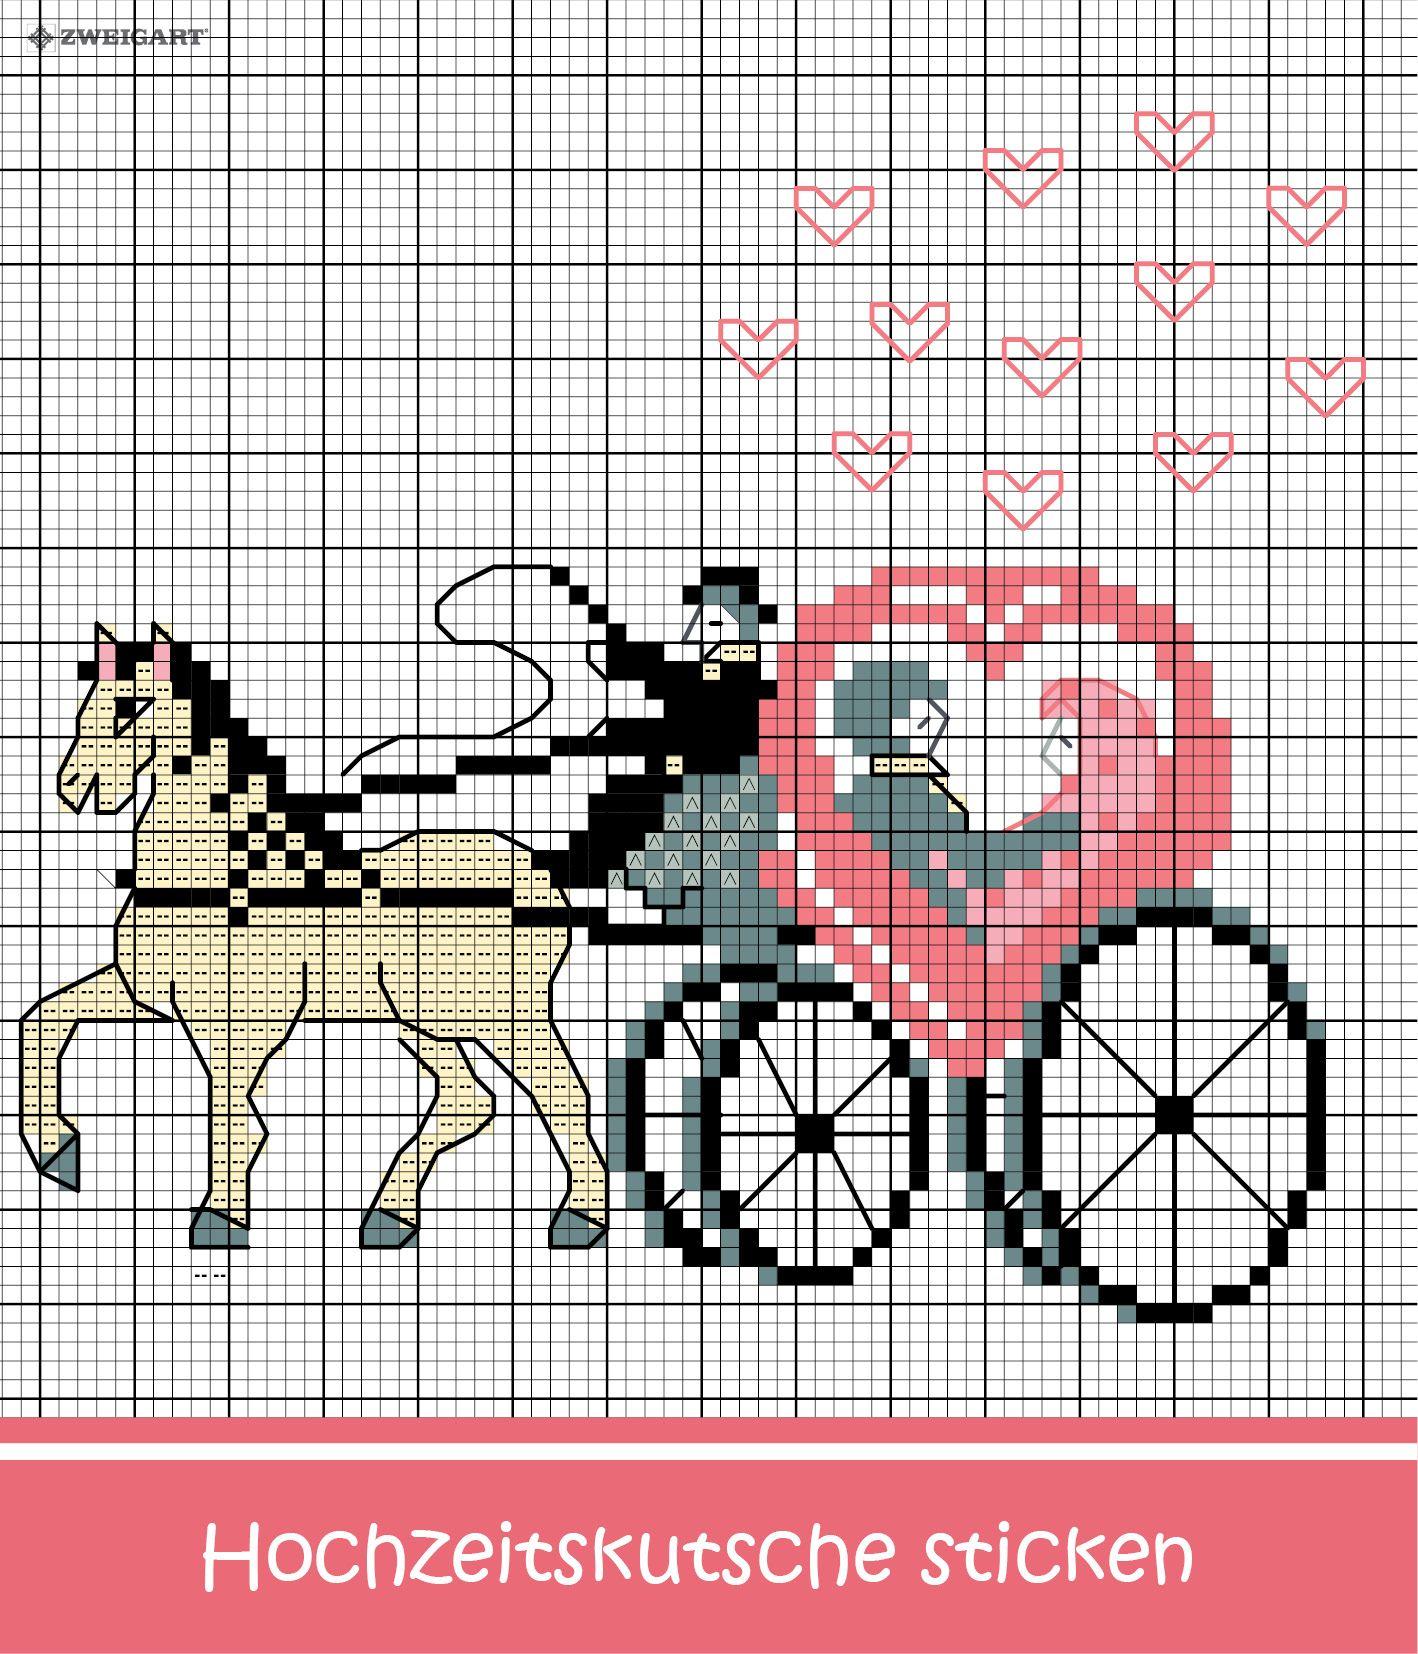 Romantische hochzeitskutsche mit herzen sticken sticken - Sticken vorlagen kostenlos ...